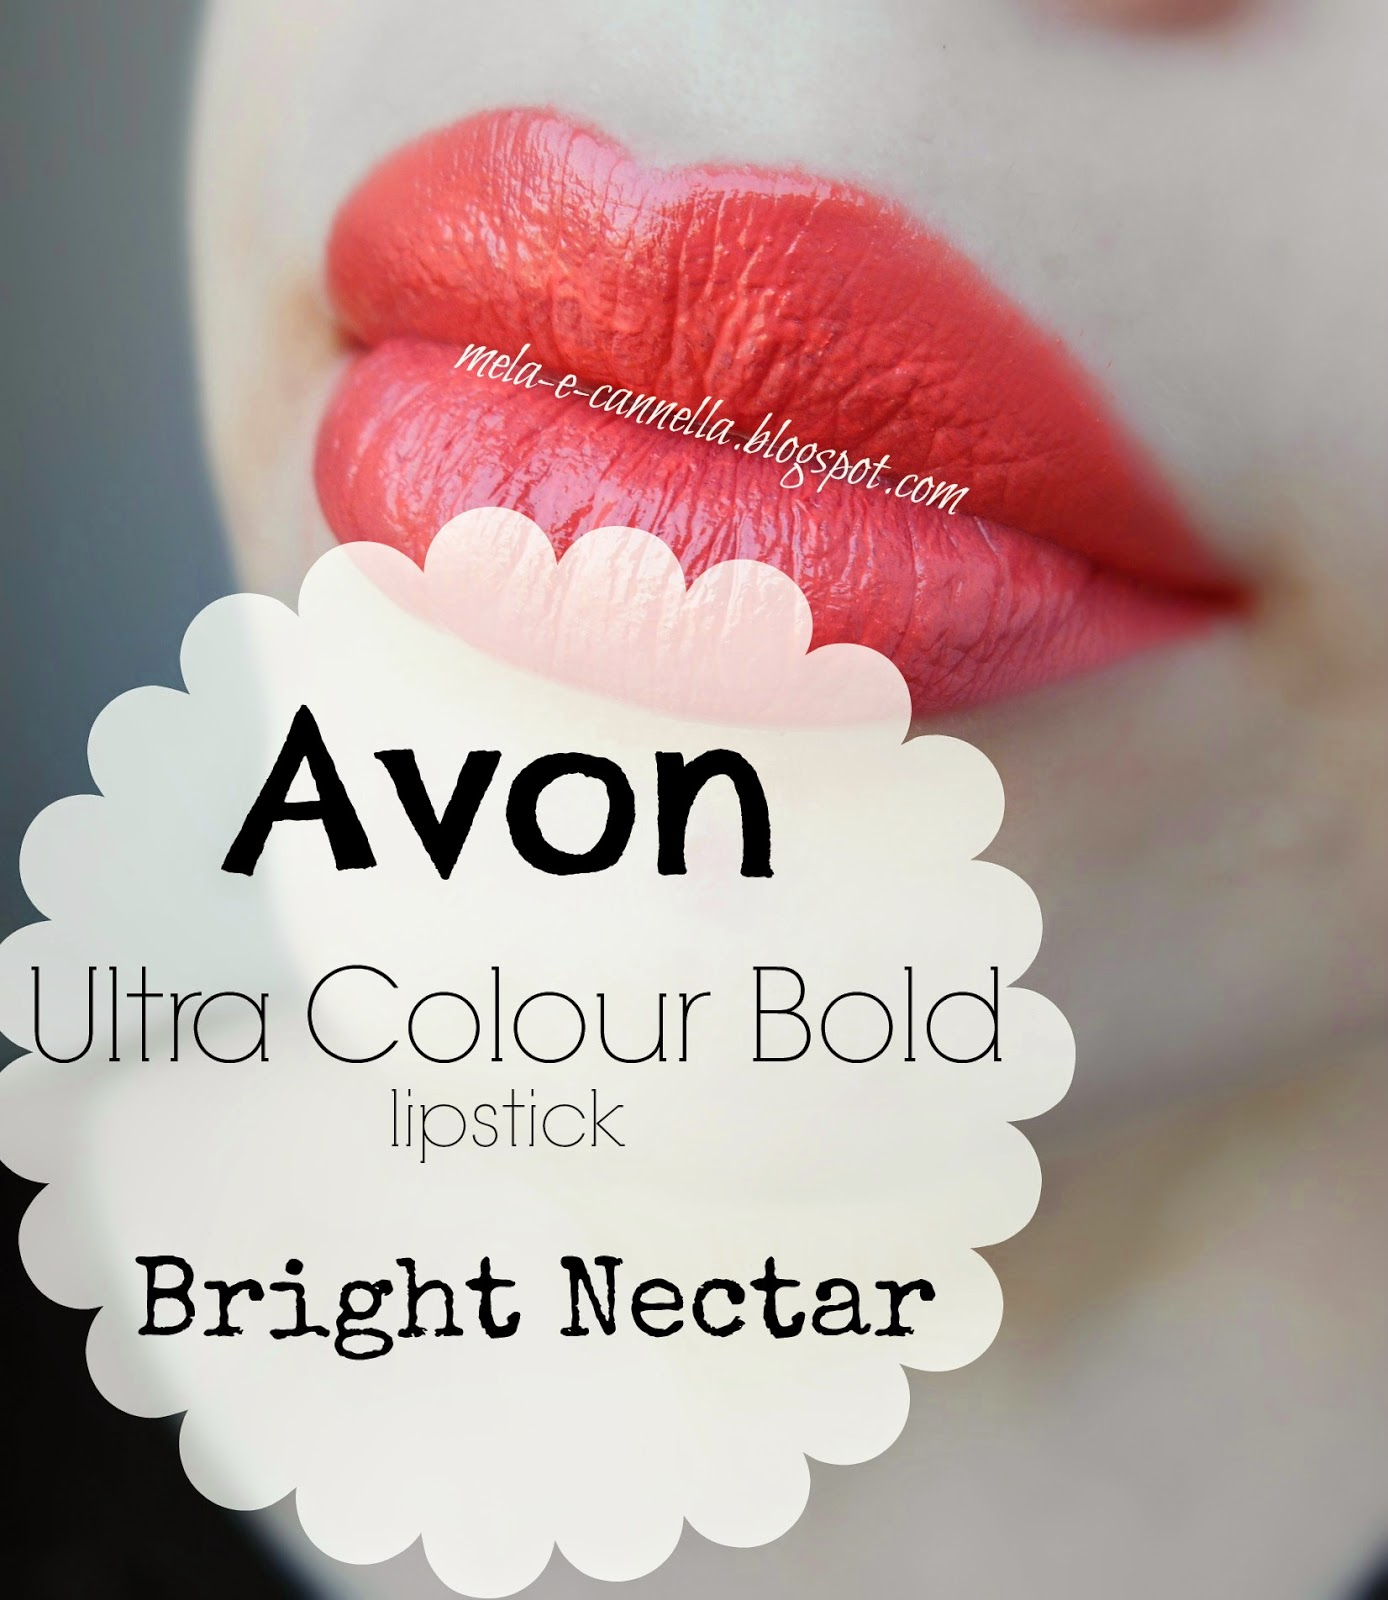 Mela E Cannella Avon Ultra Colour Bold Lipstick Bright Nectar